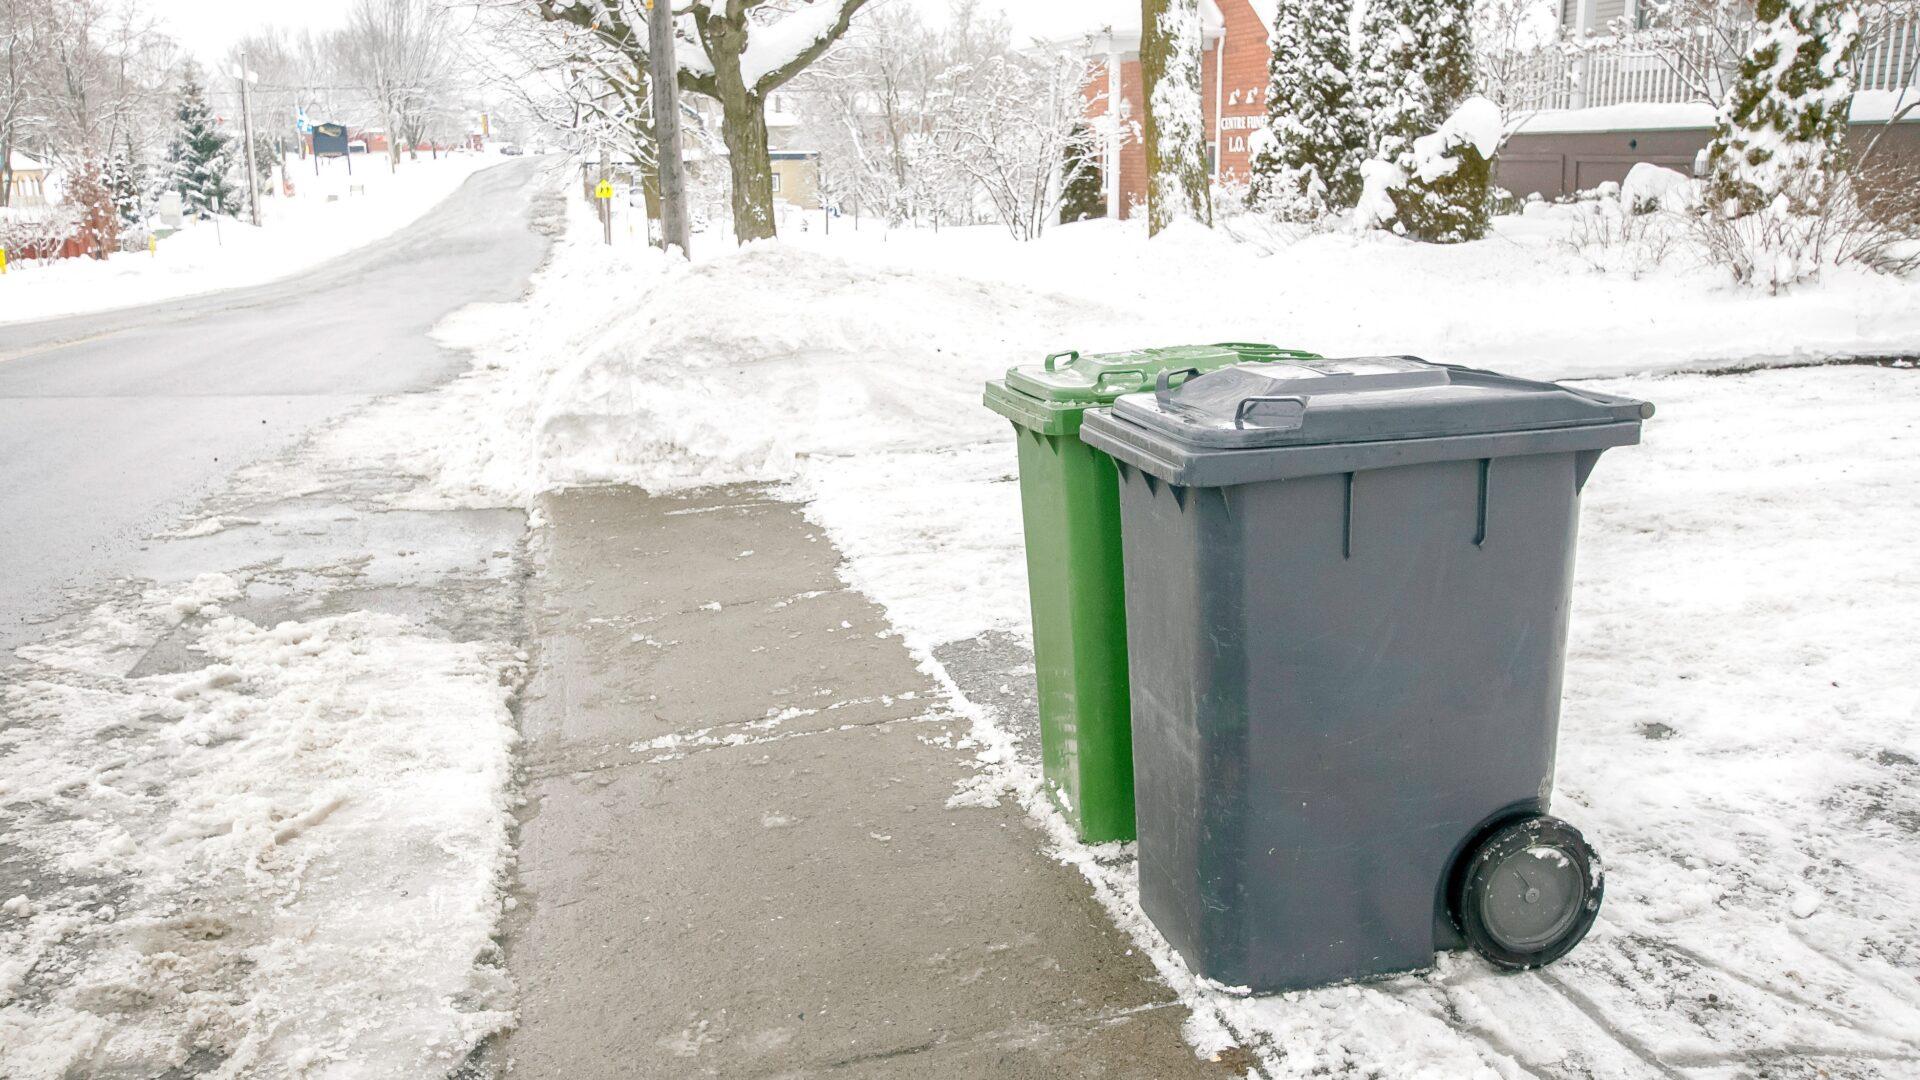 Konteinerite puhastamine lumisel ajal